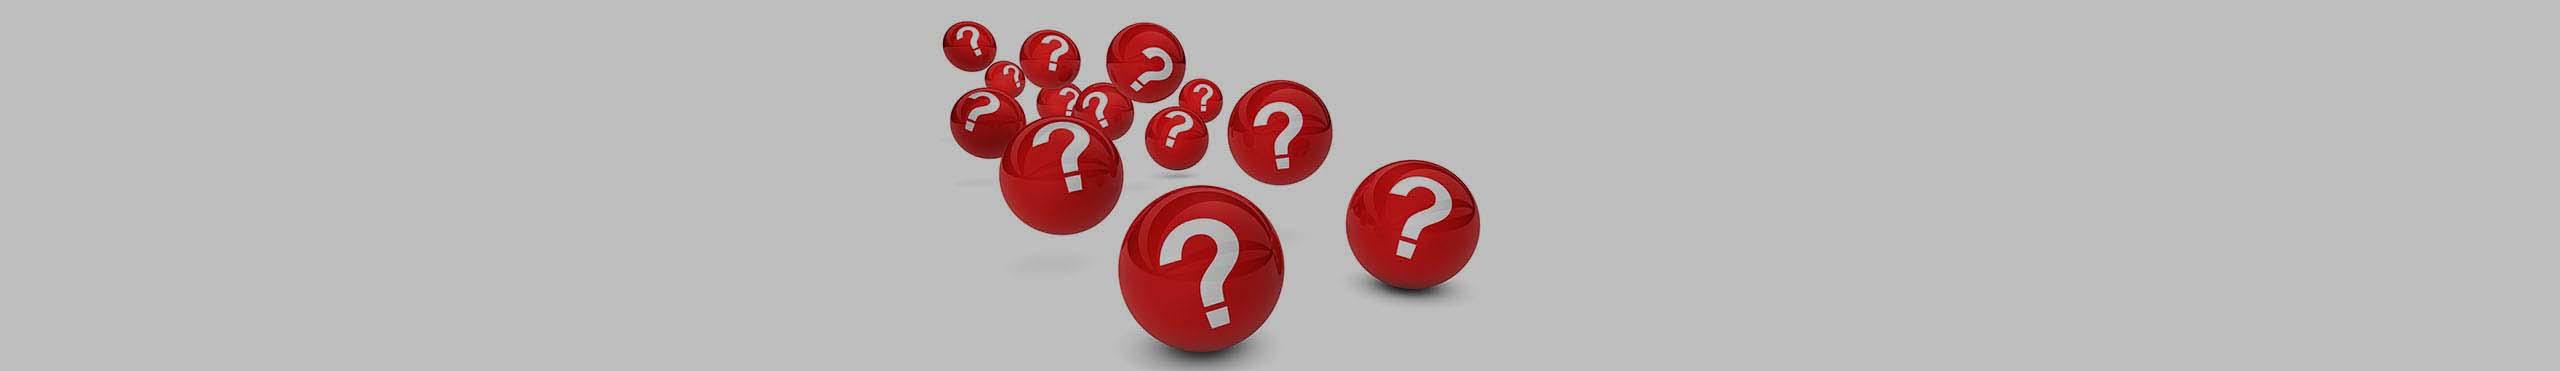 Tout comprendre sur les dividendes : définition, intérêt, fiscalité